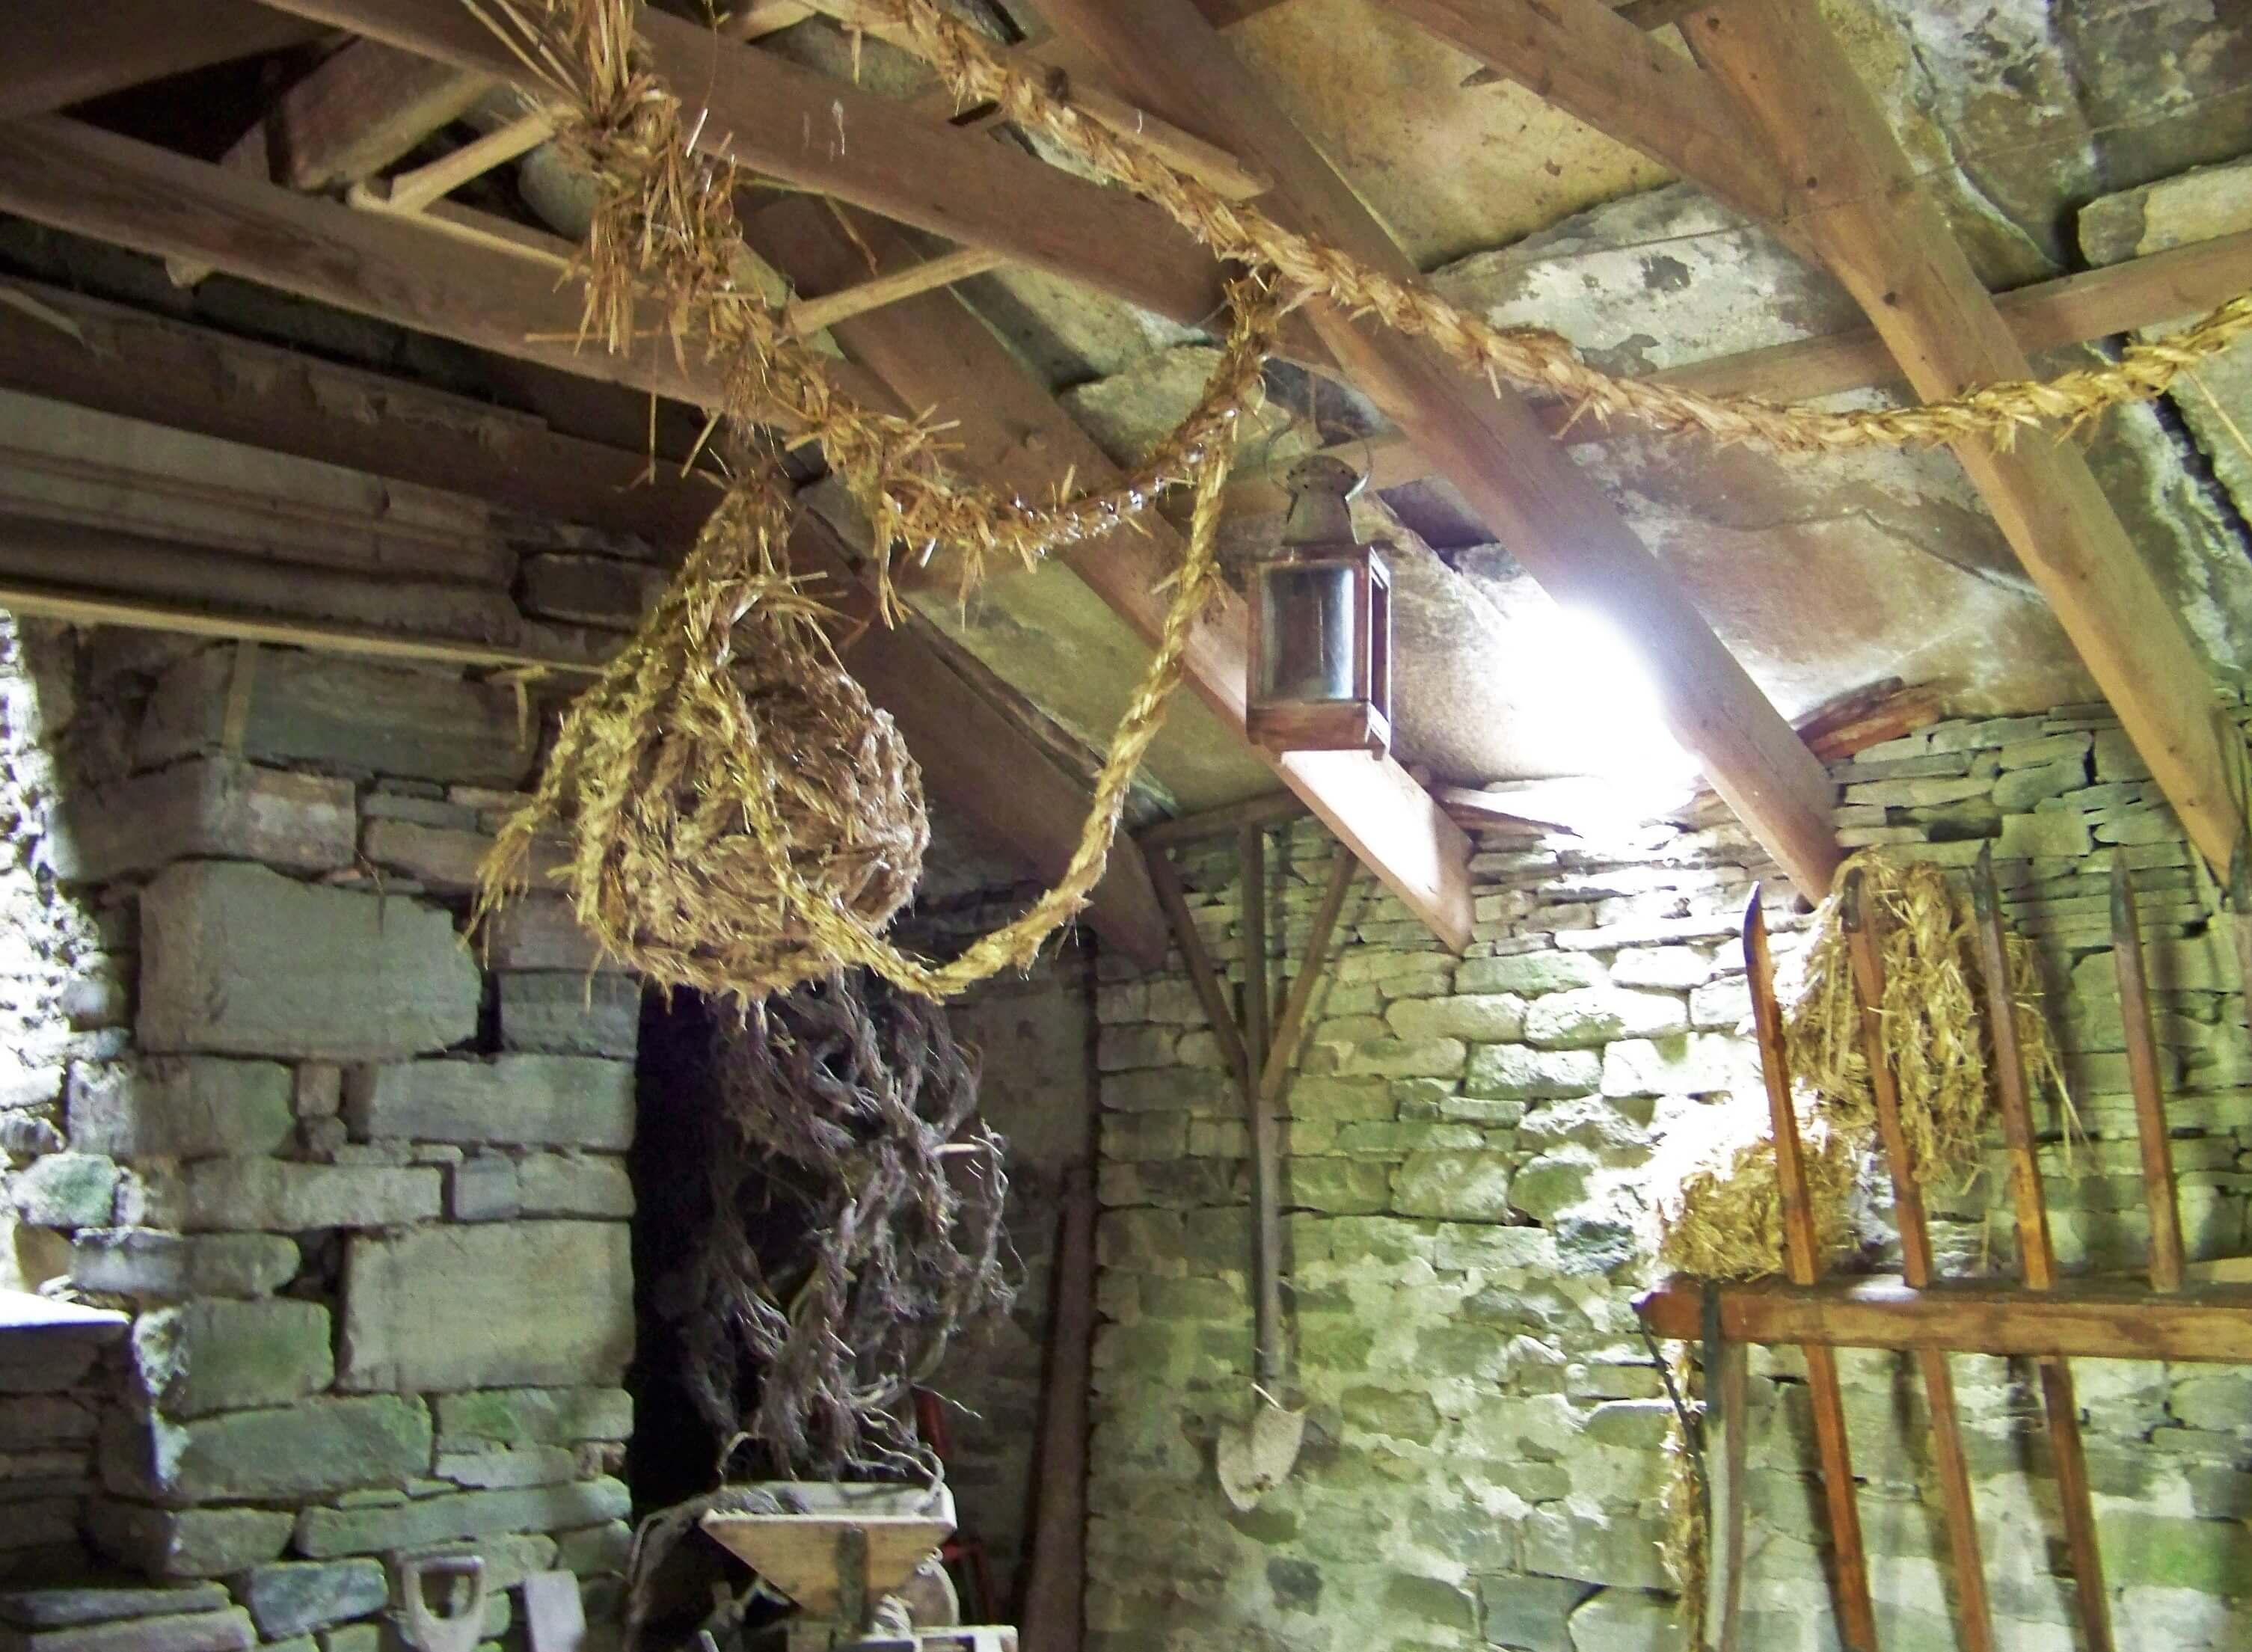 Simmans rope, Orkney Islands, Scotland, UK. #Orkneyology.com